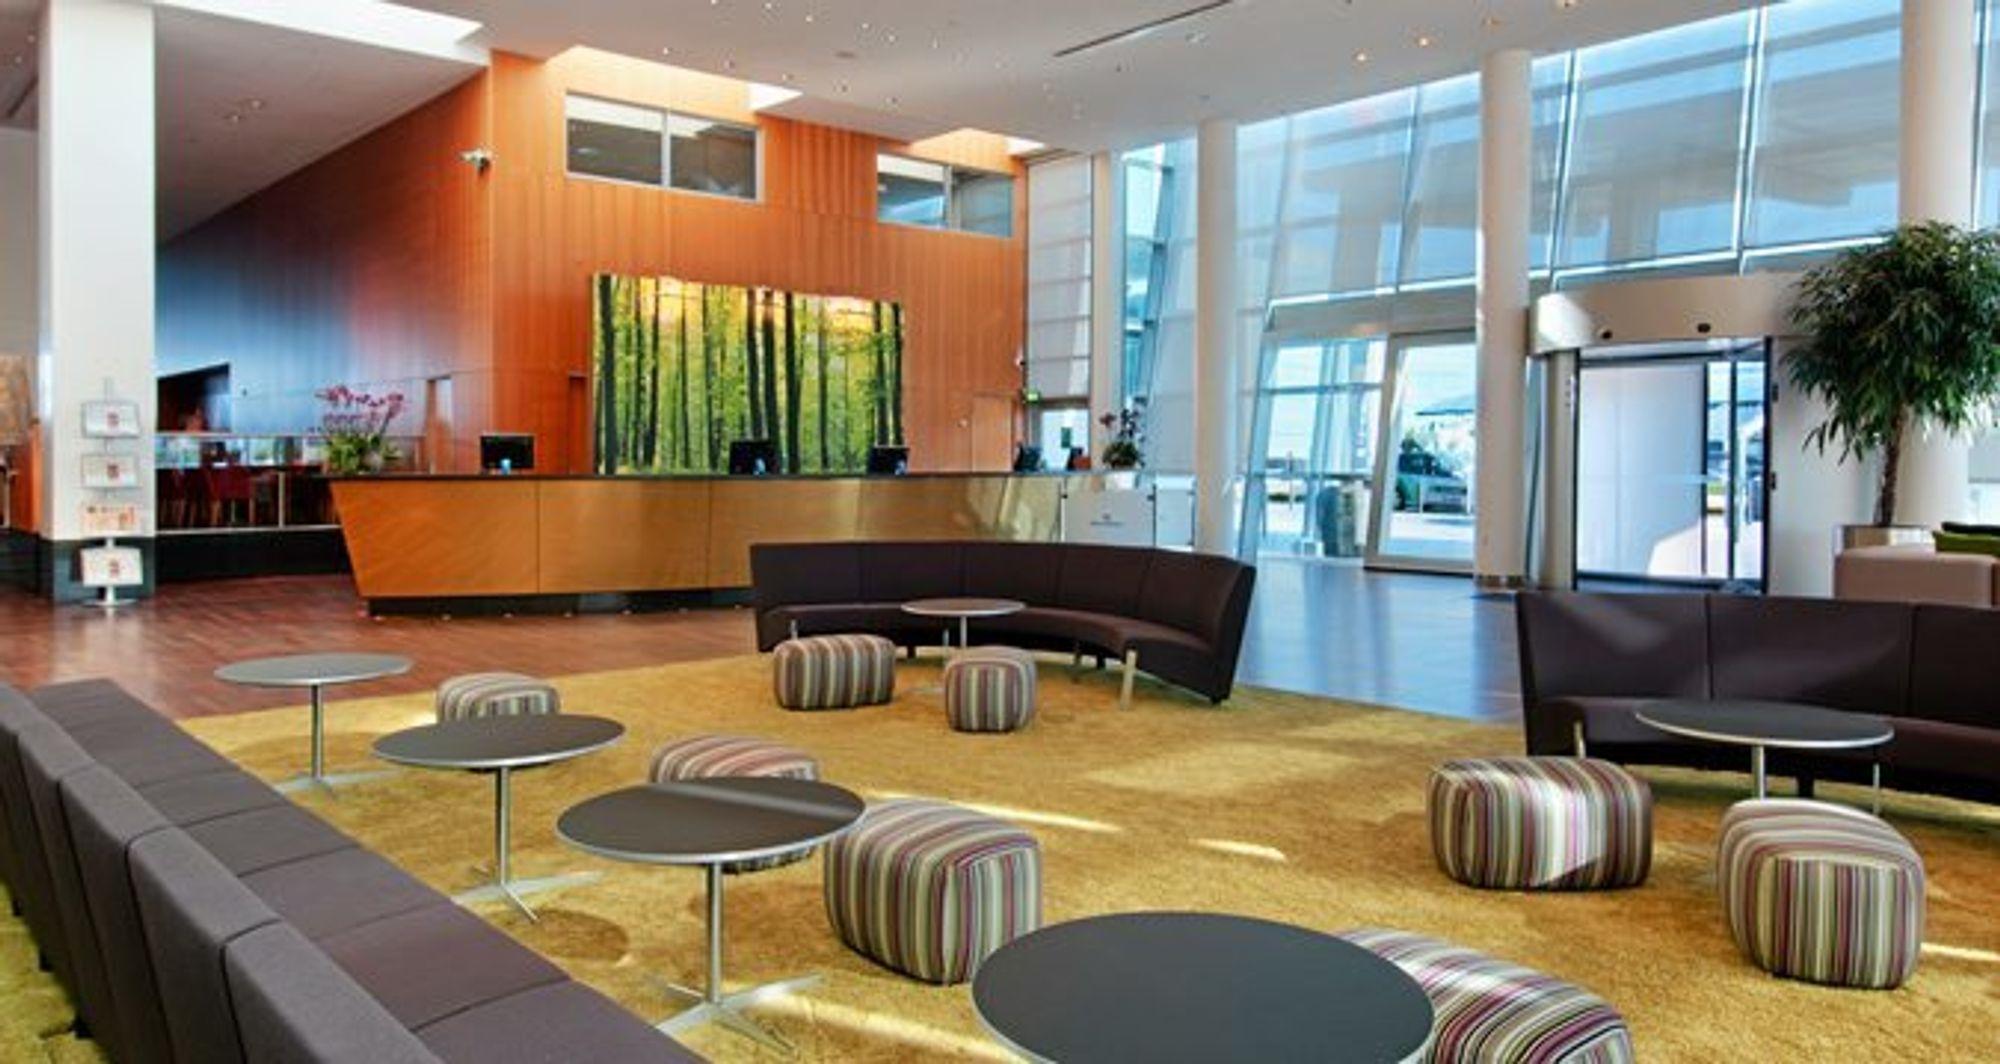 hotel hilton københavns lufthavn